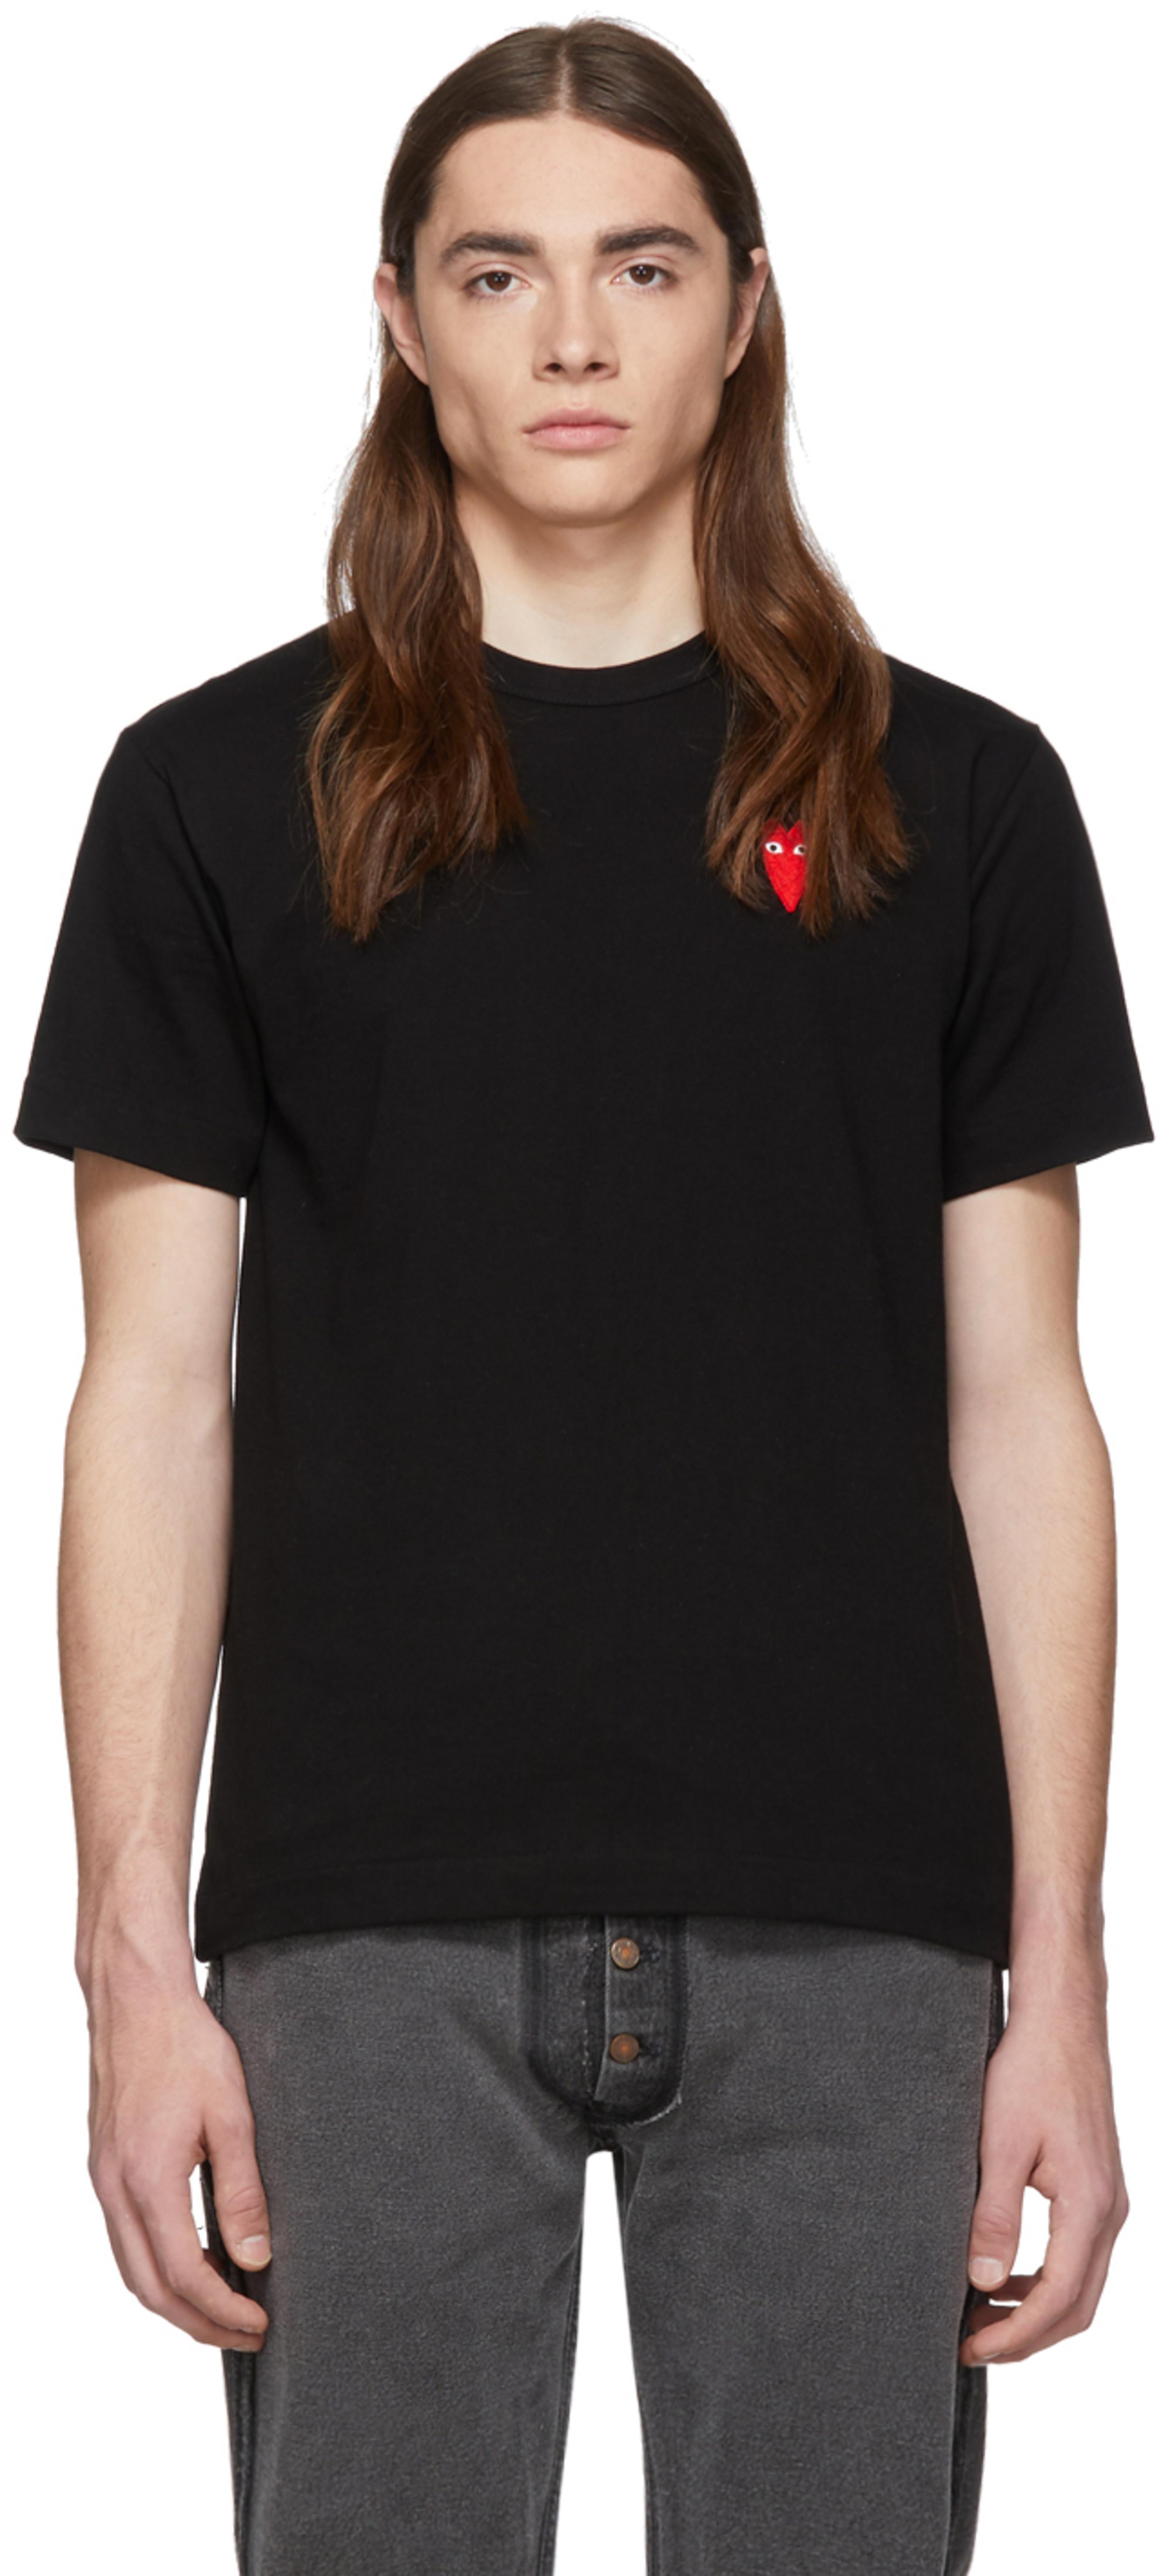 Rouge T Heart Shirt Et Patch Long Noir SzGqULMpV